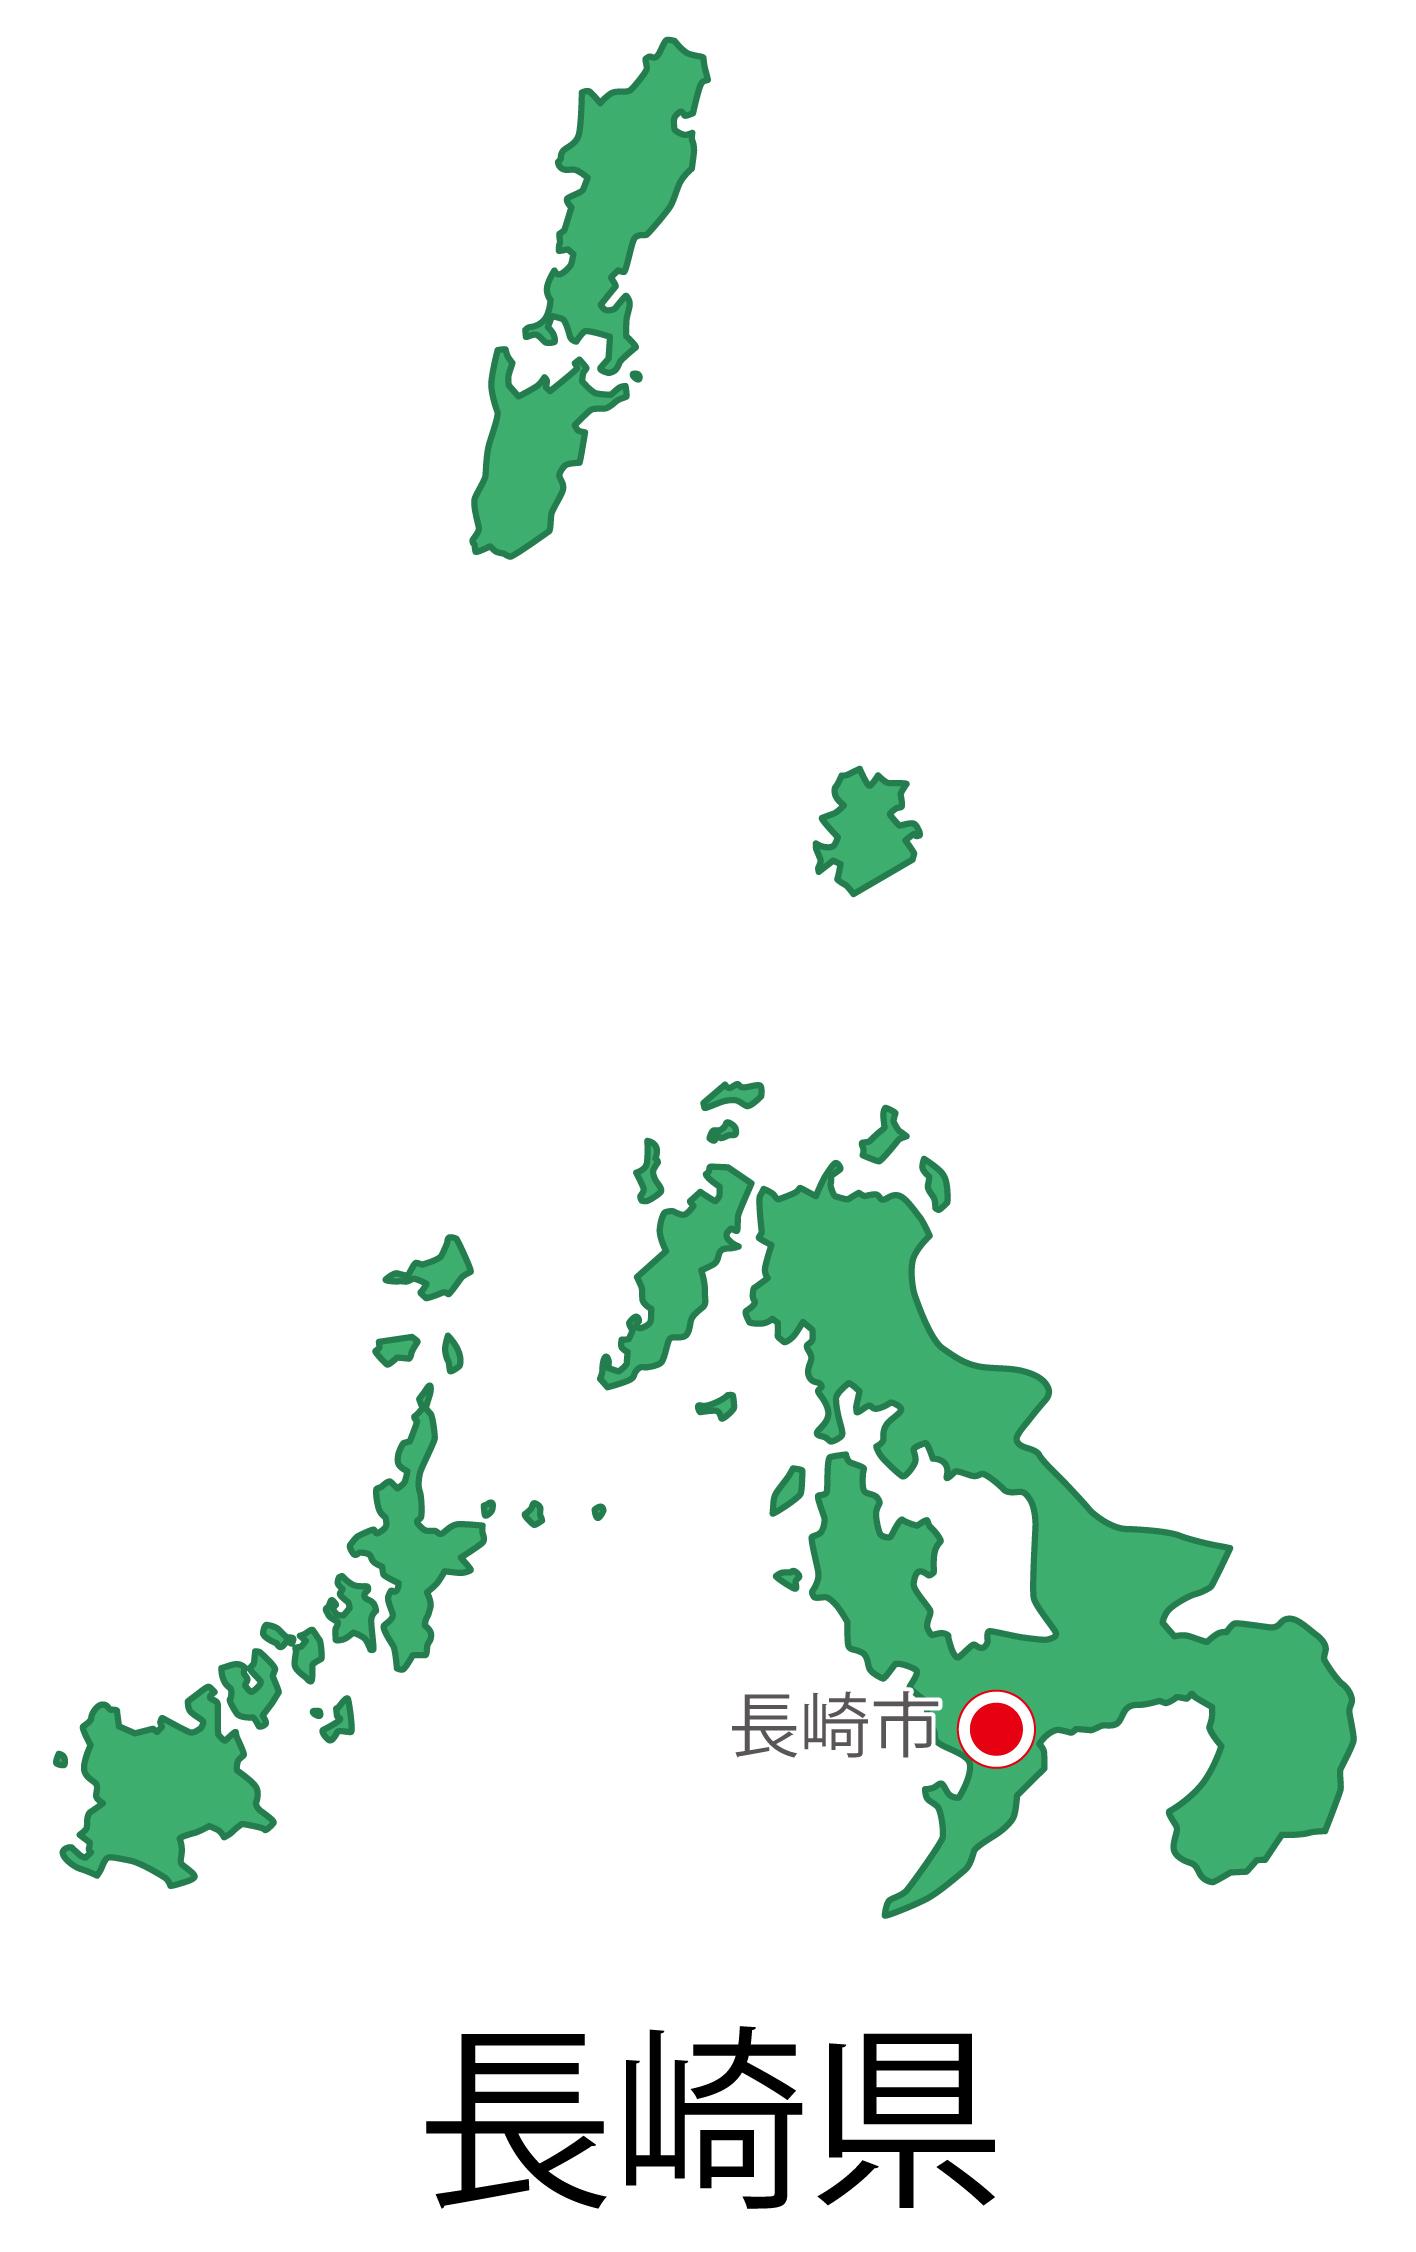 長崎県無料フリーイラスト|日本語・都道府県名あり・県庁所在地あり(緑)